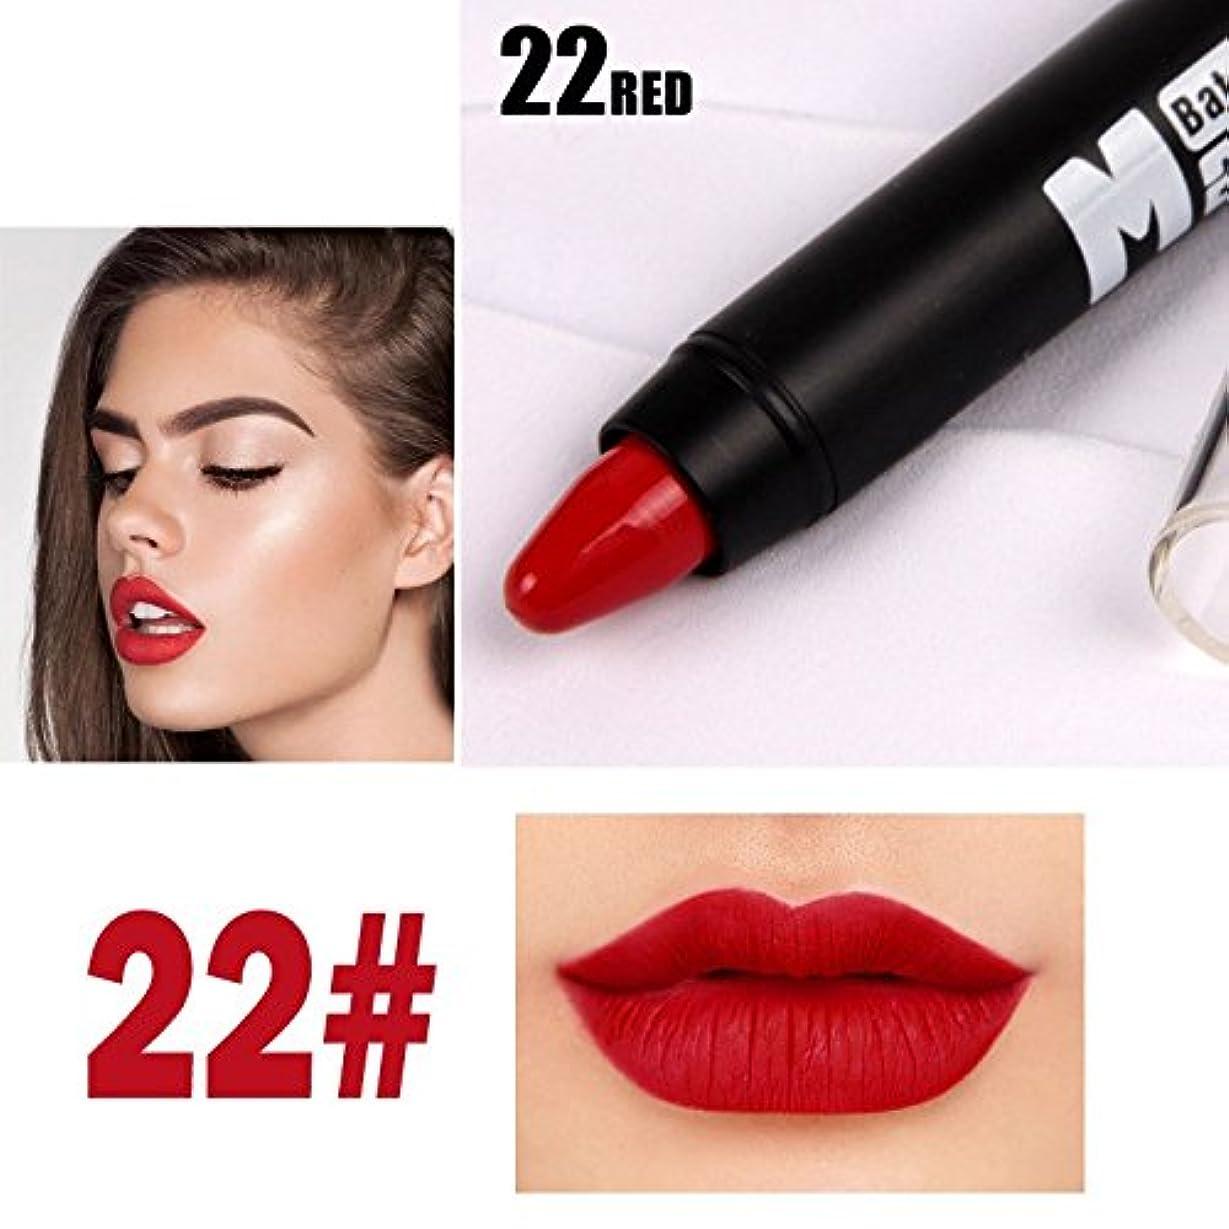 レース電極インテリアMISS ROSE Professional Women Waterproof Lipstick Lips Cream Beauty Lote Batom Matte Lipstick Nude Pencils Makeup